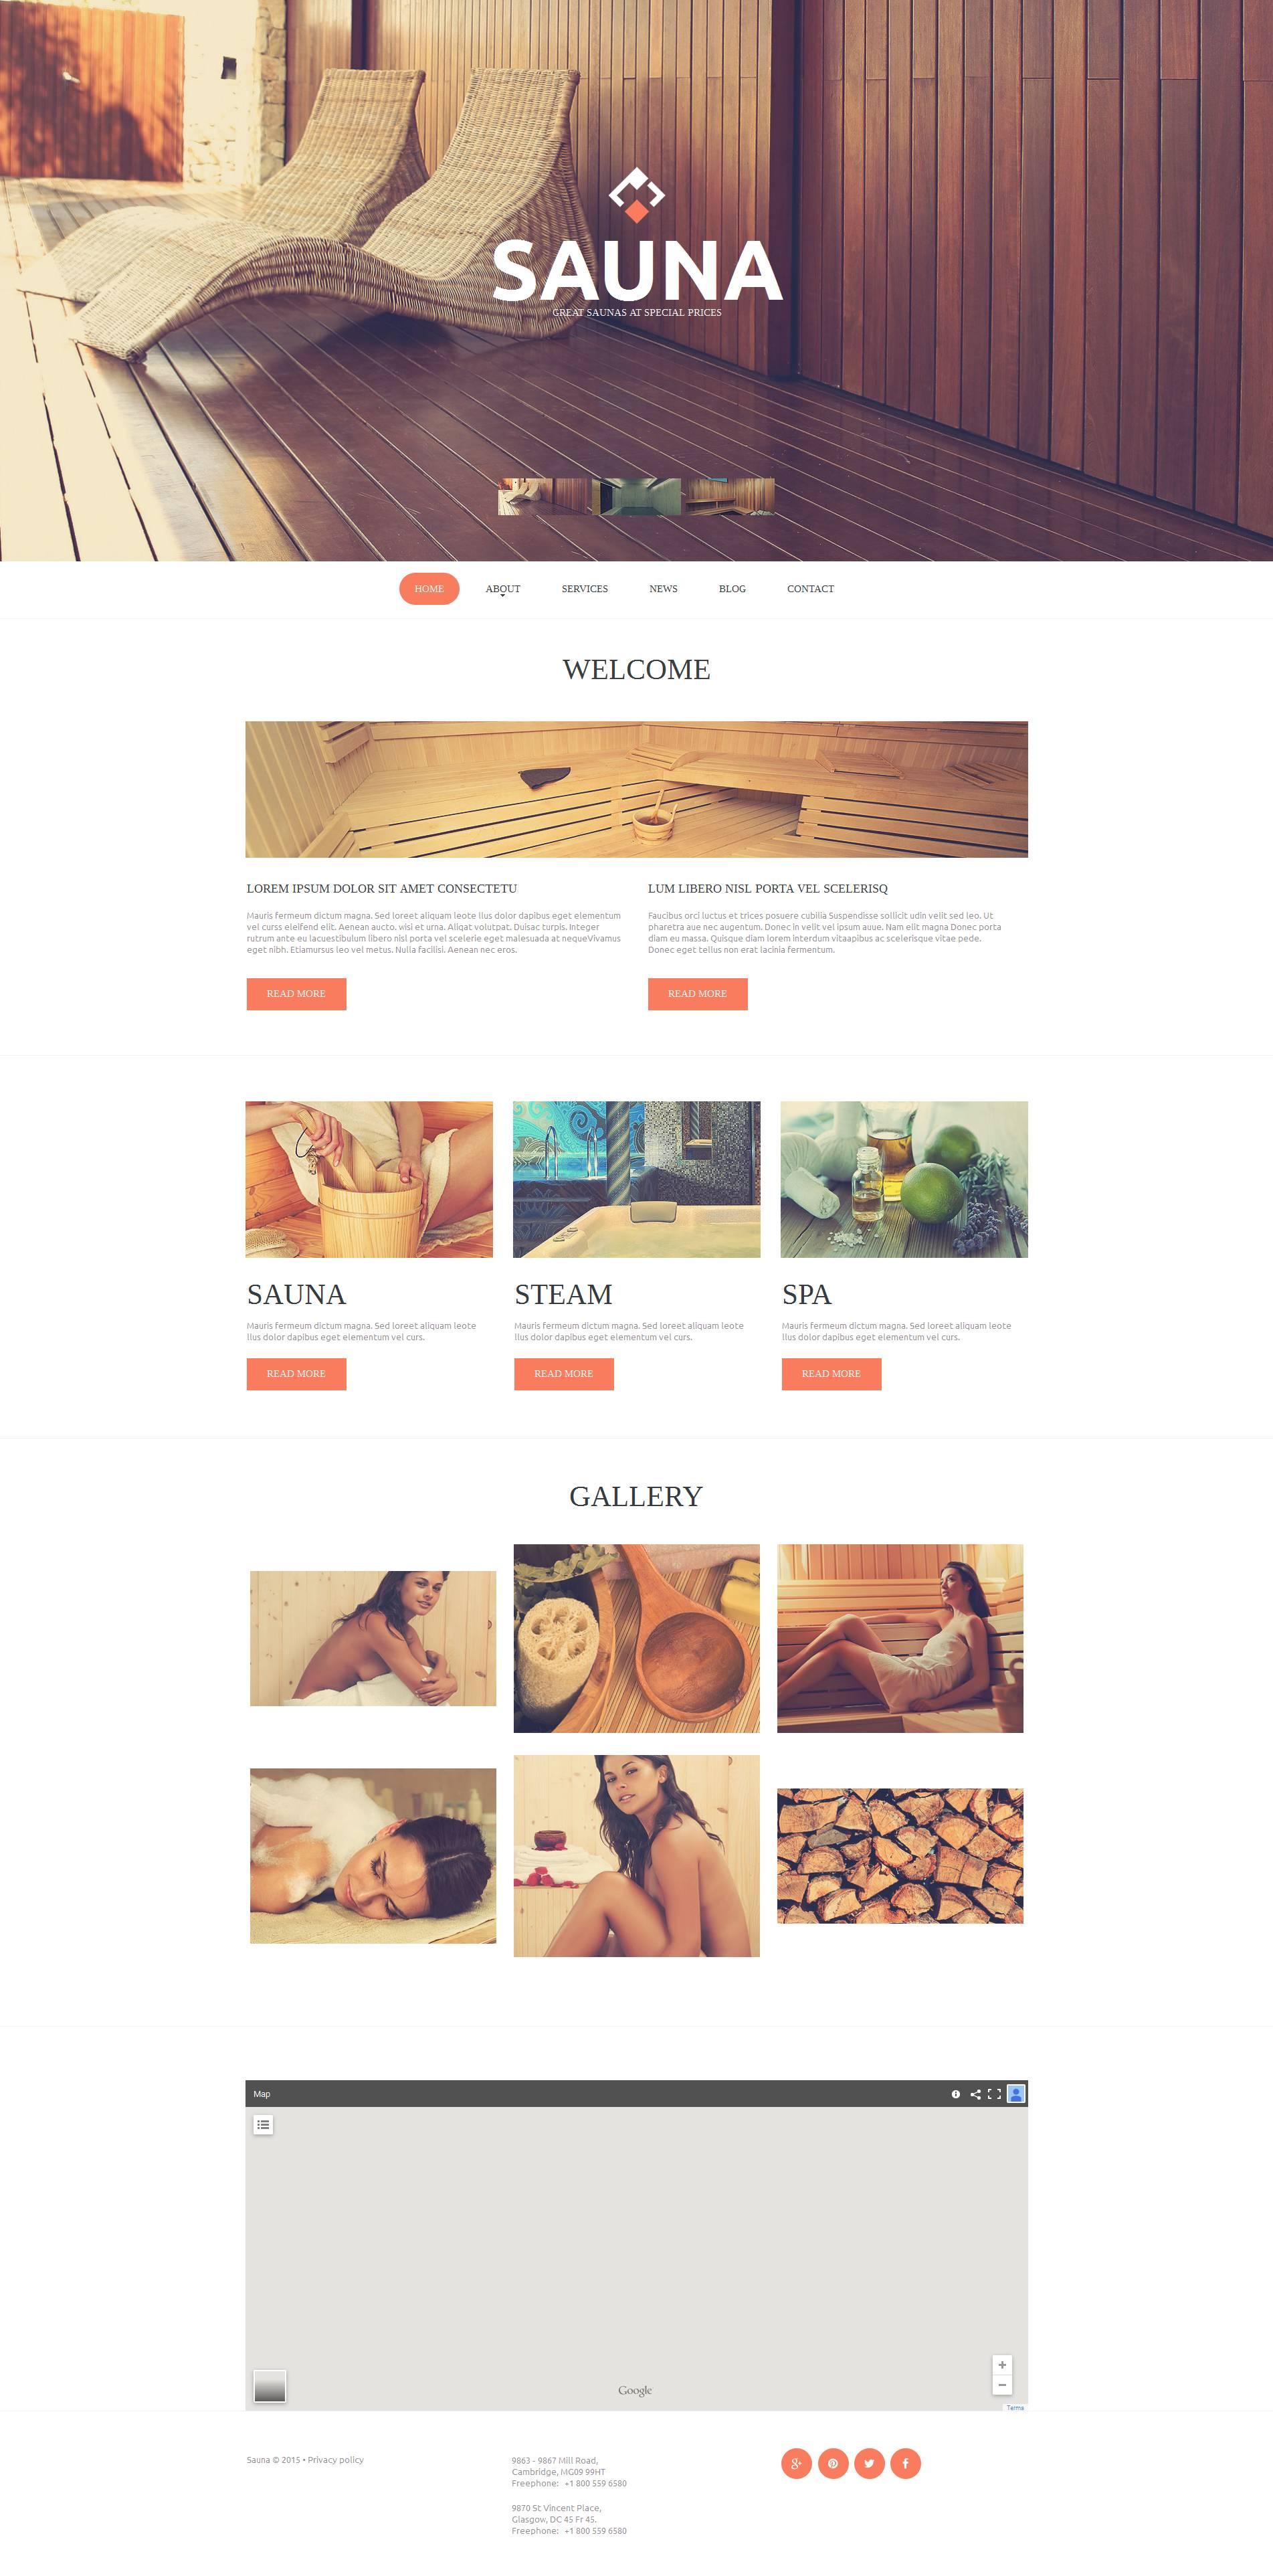 Modèle Moto CMS HTML Premium pour site de sauna #53514